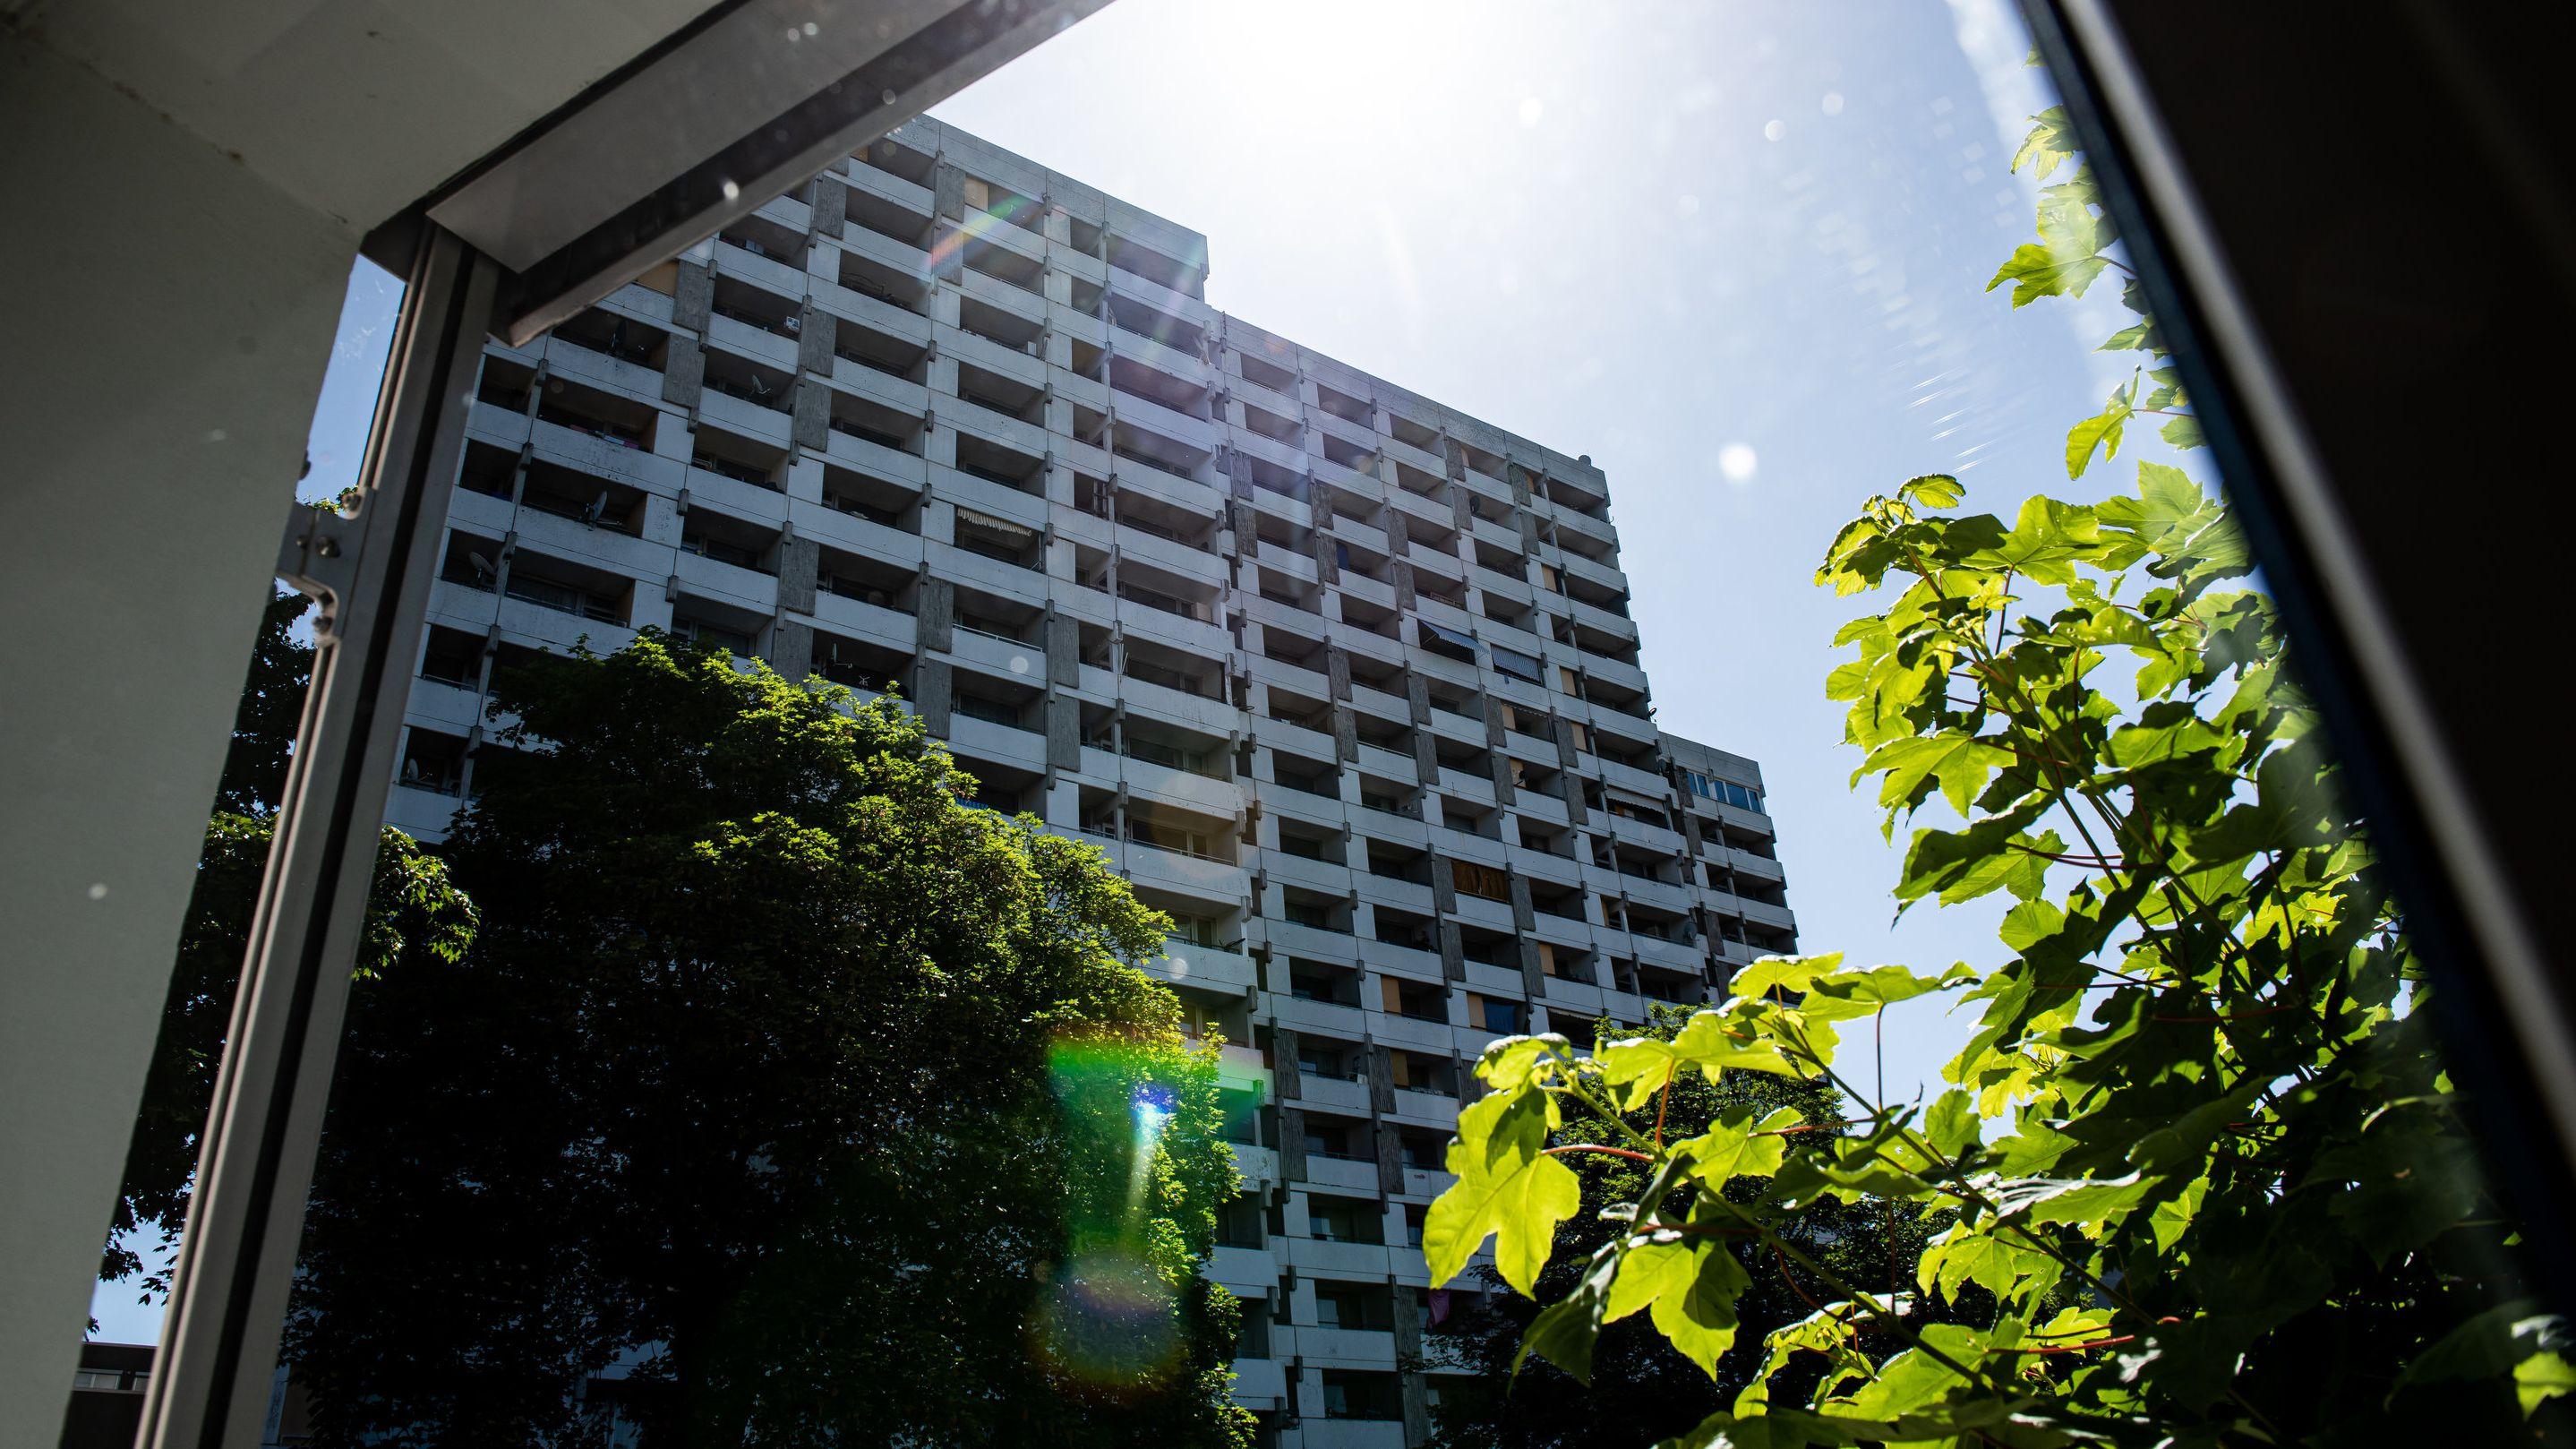 Bei mehreren größeren privaten Feiern haben sich in Göttingen mehrere Menschen mit dem neuartigen Coronavirus infiziert. In dem Komplex wohnten rund 60 Kontaktpersonen.